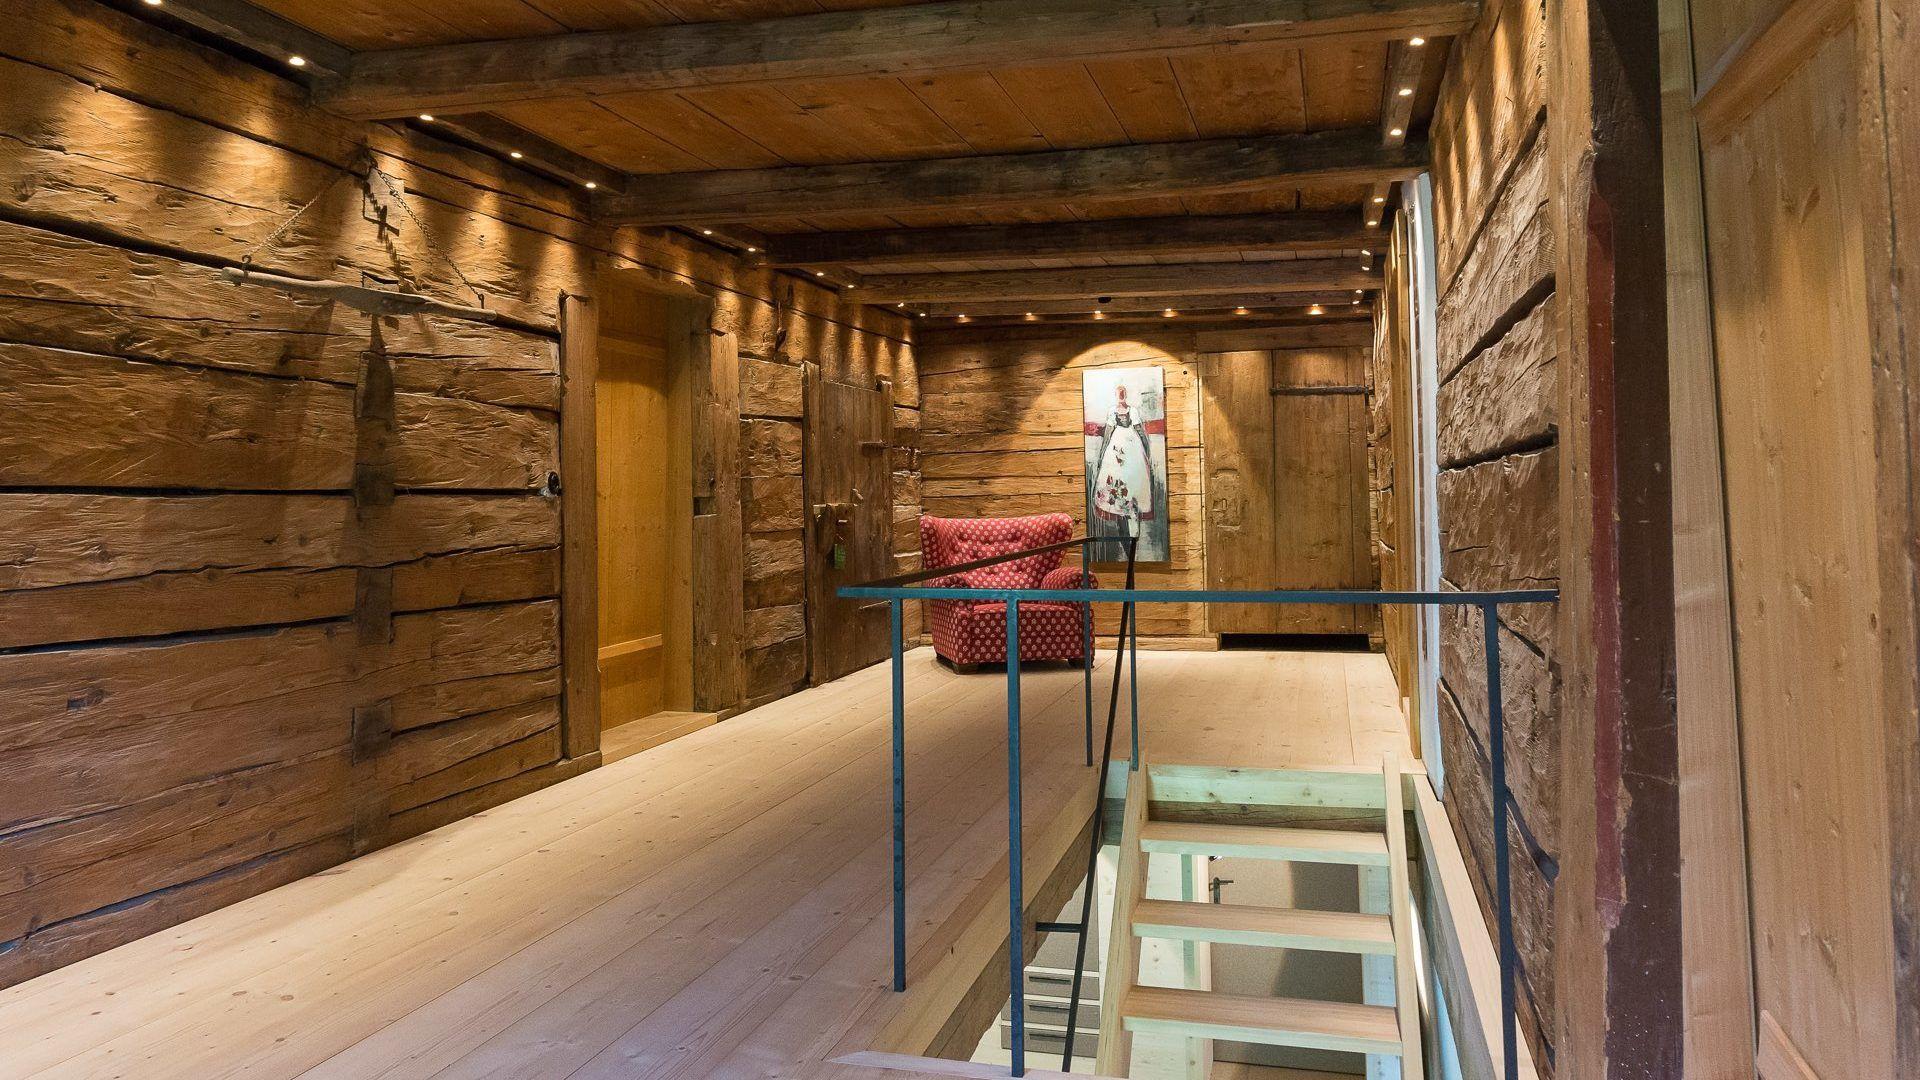 Lichtplanung bei Restaurationen von Landhäusern, Oberbayern